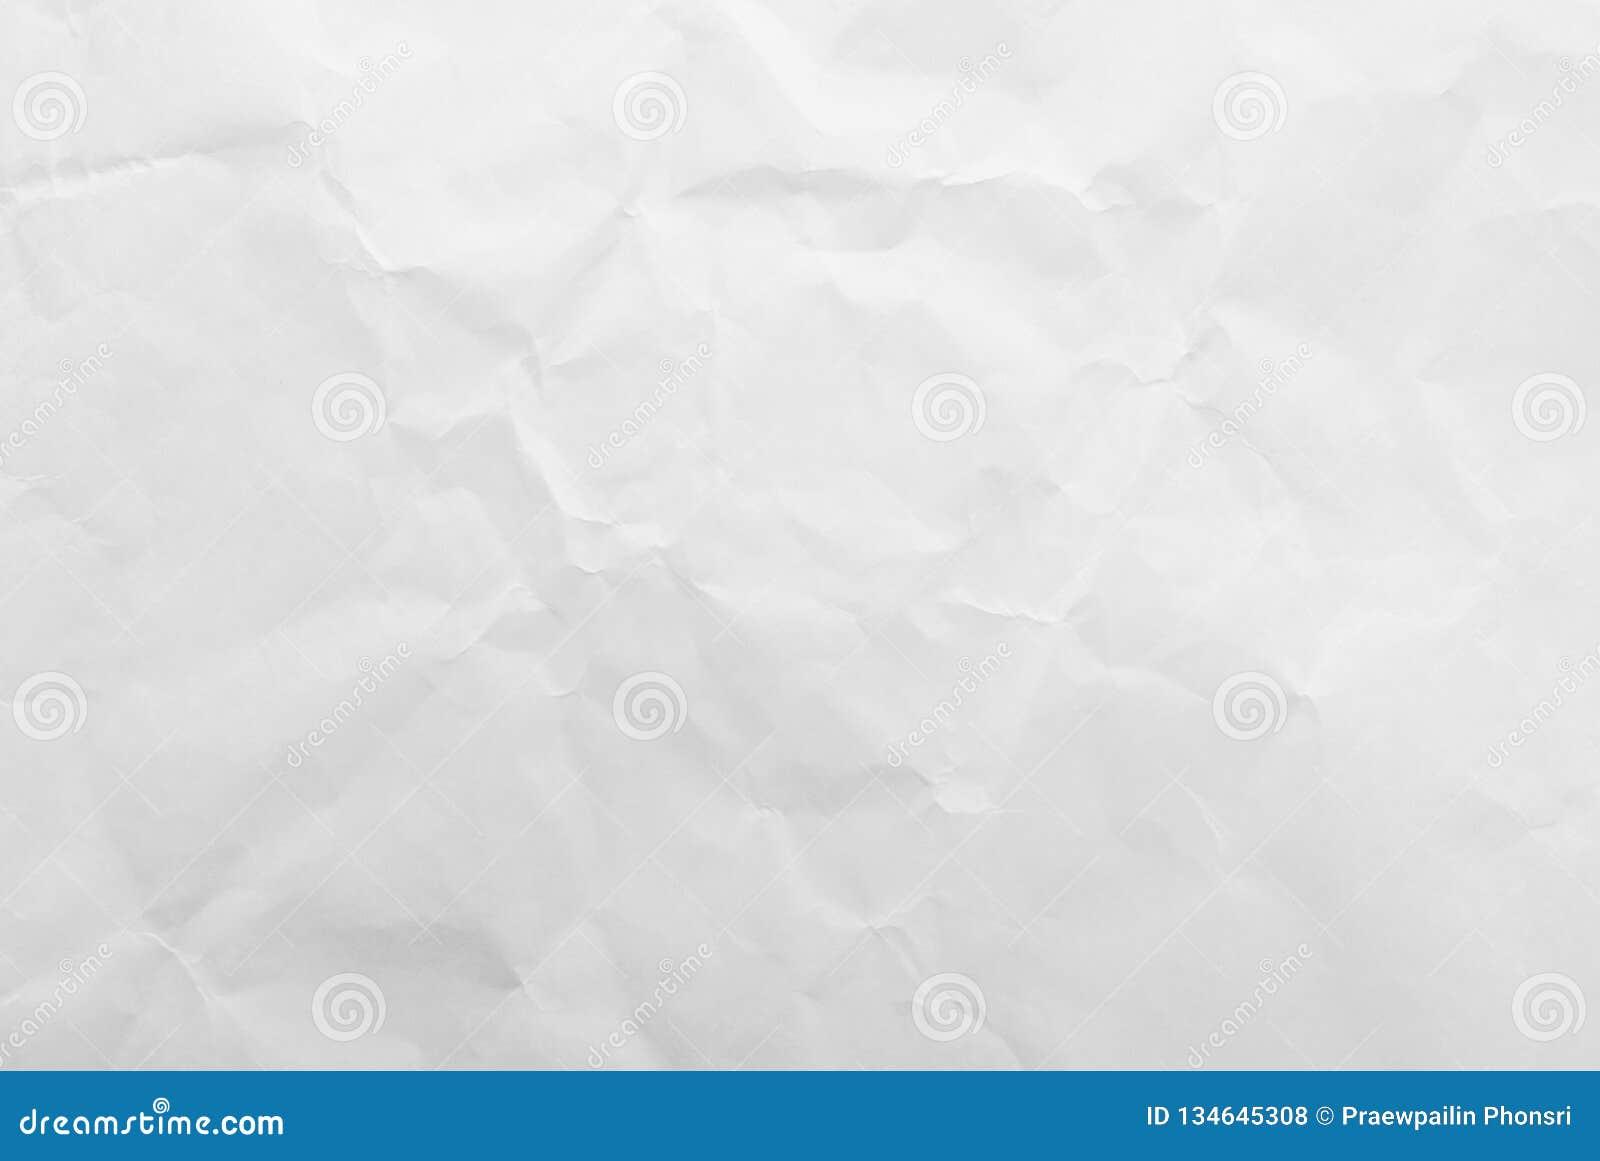 白色被弄皱的纸纹理背景 特写镜头